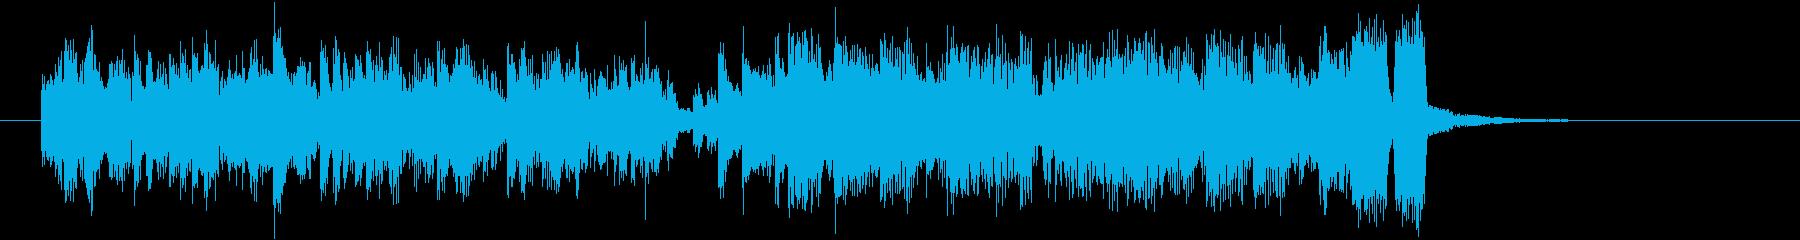 アップテンポなシンセサイザー音楽の再生済みの波形